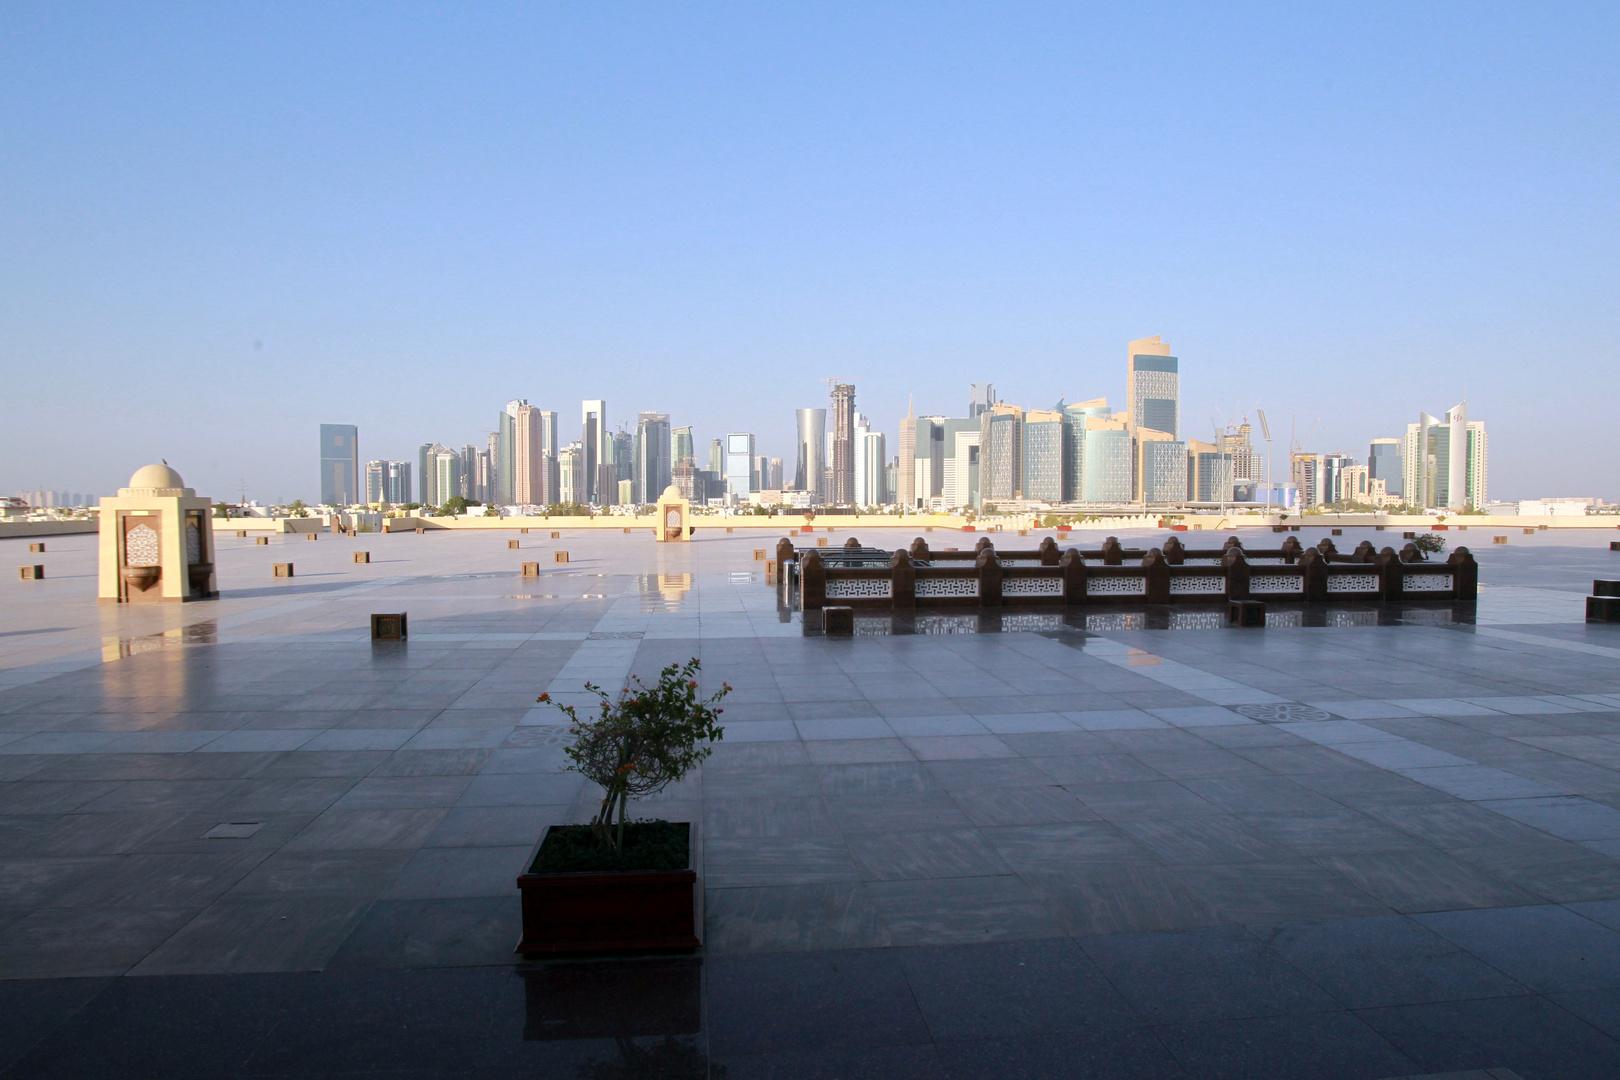 قطر تسجل 520 إصابة بكورونا خلال يوم